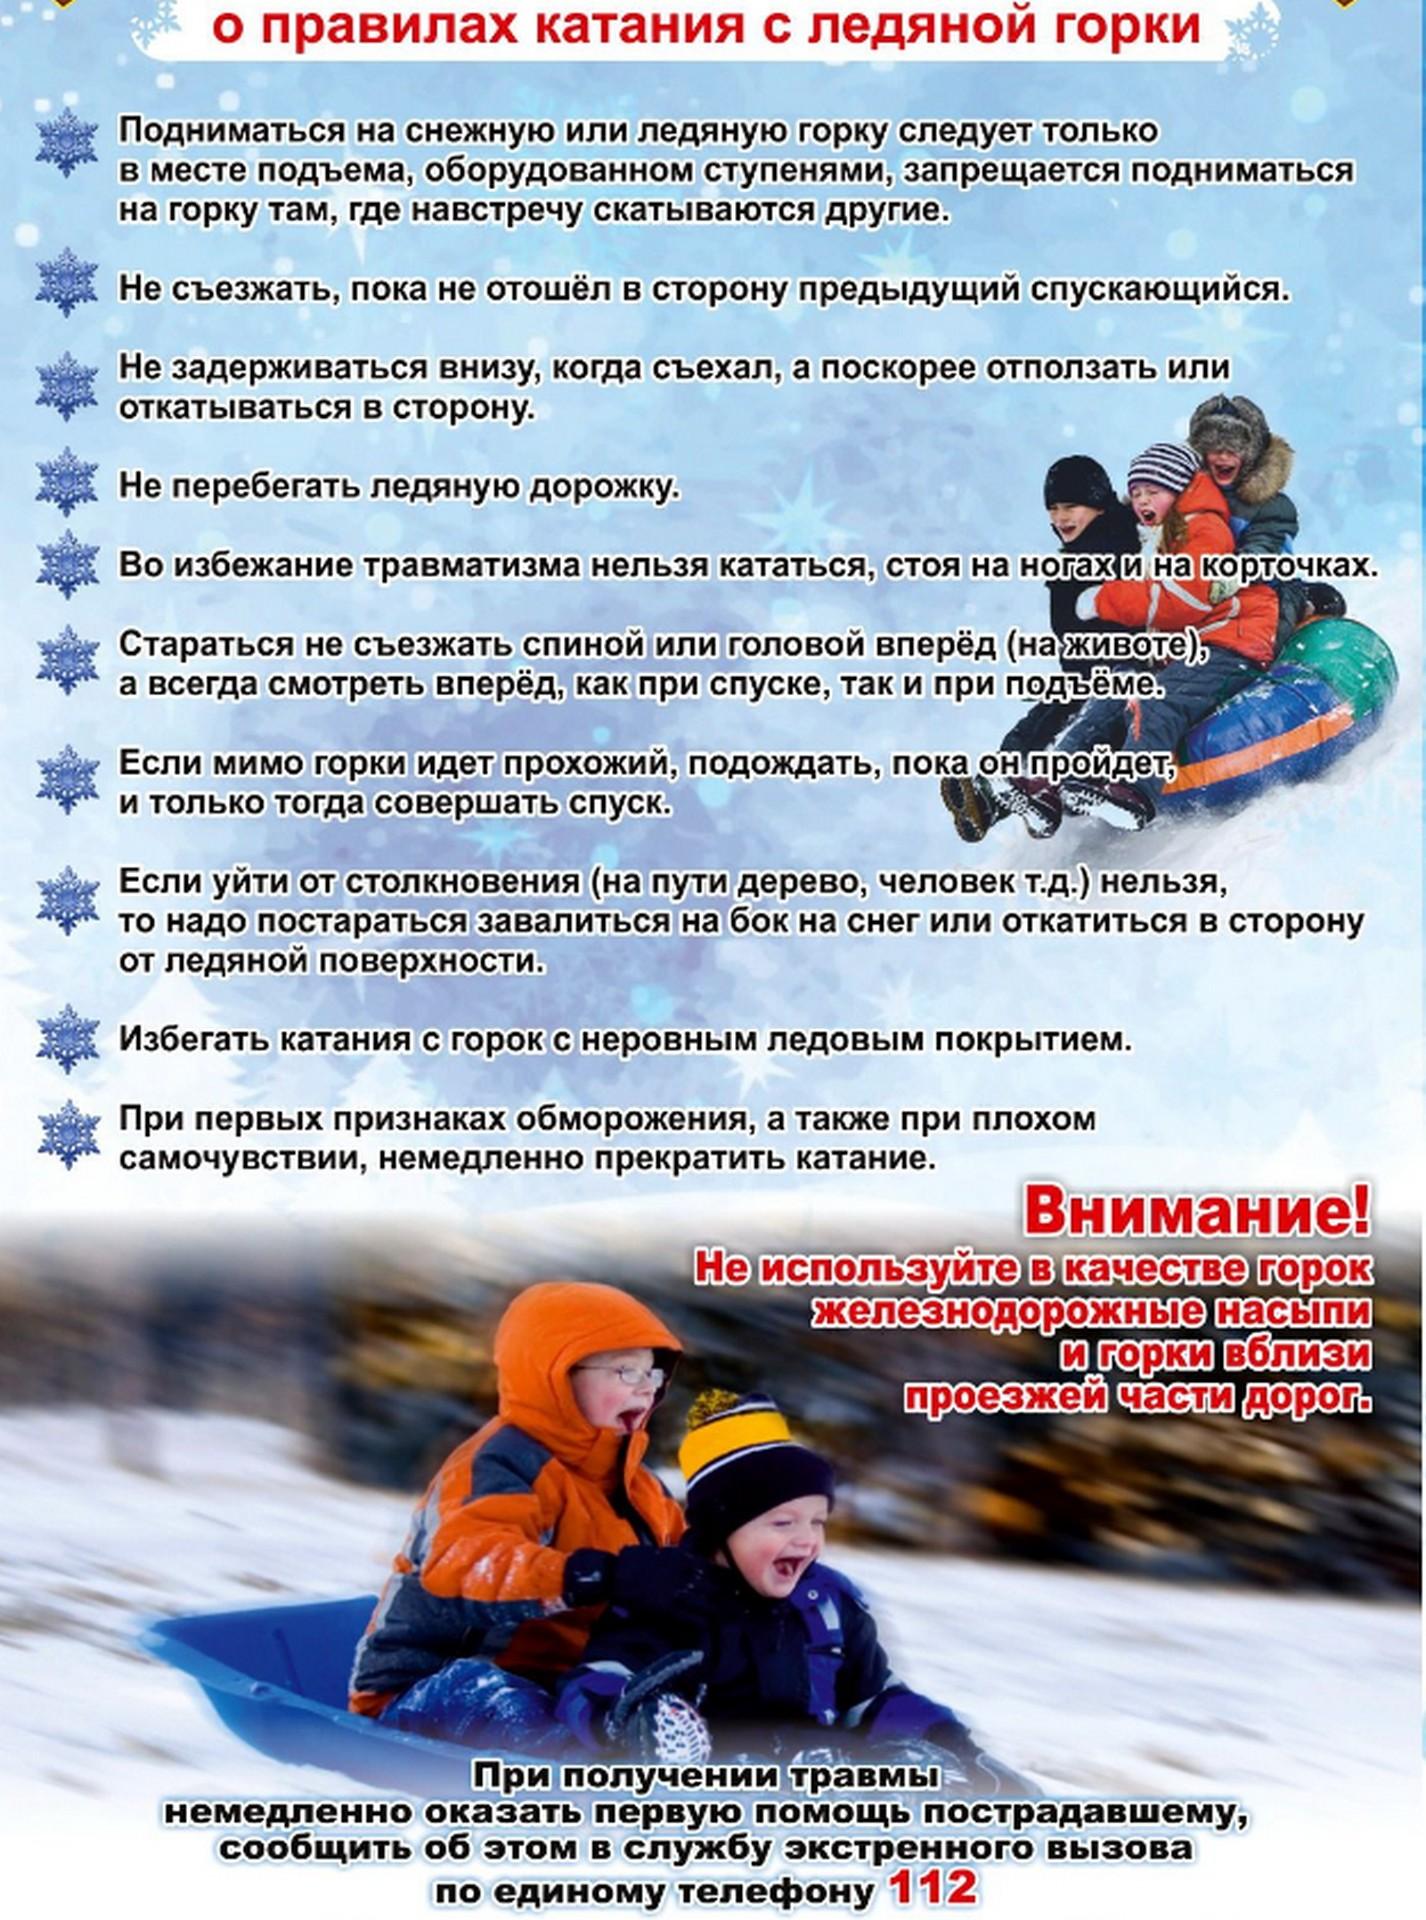 Правила безопасного поведения на снежных и ледяных горках.